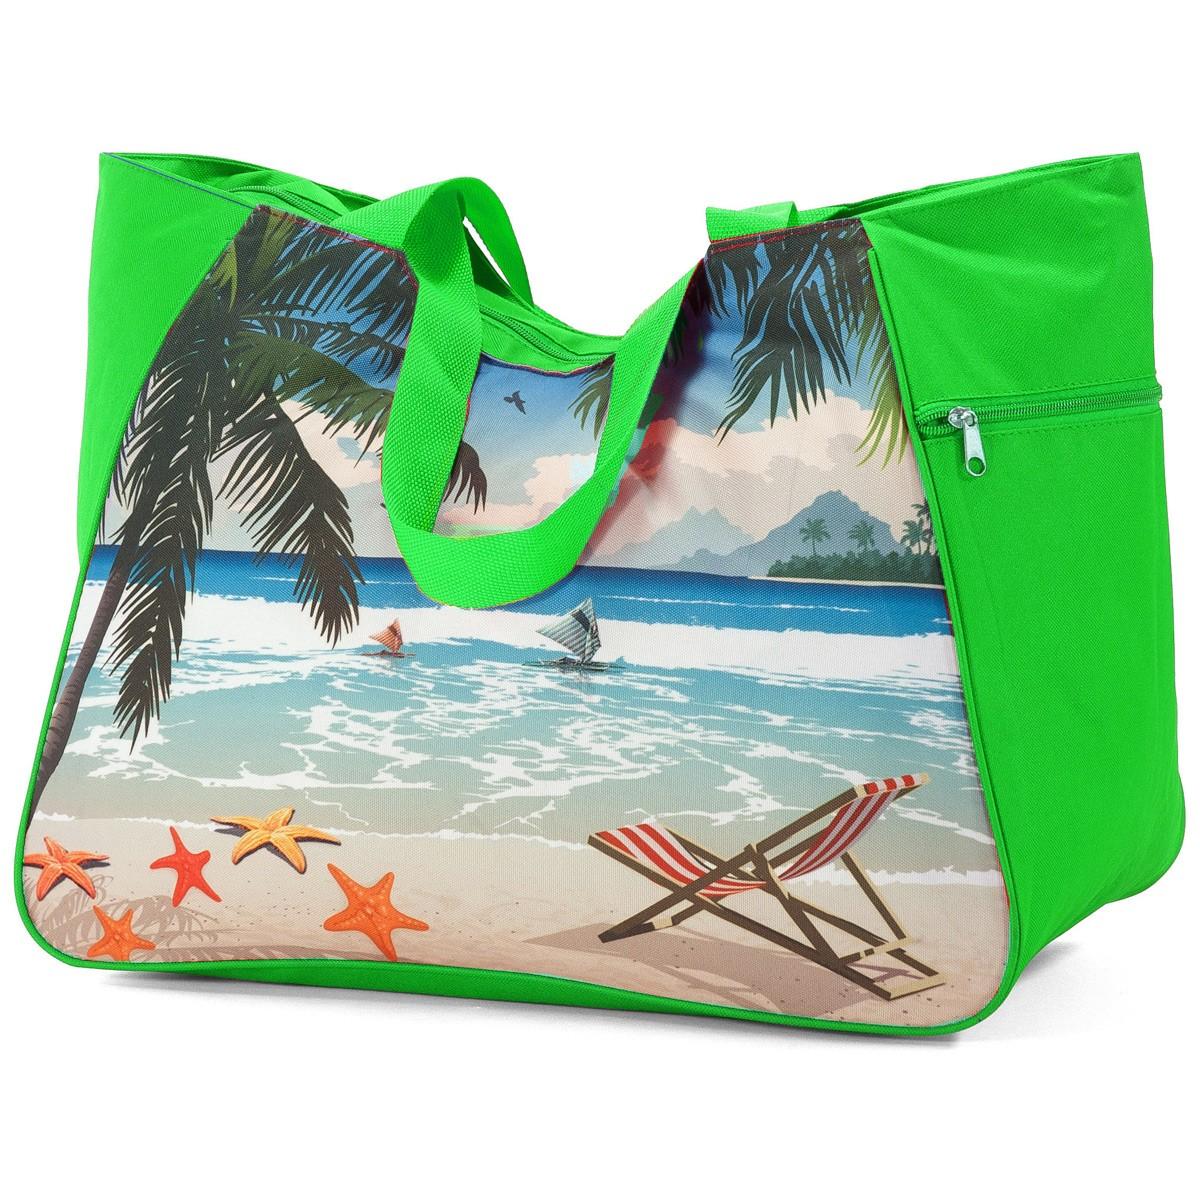 Τσάντα Παραλίας Benzi 5001 Green home   θαλάσσης   τσάντες παραλίας